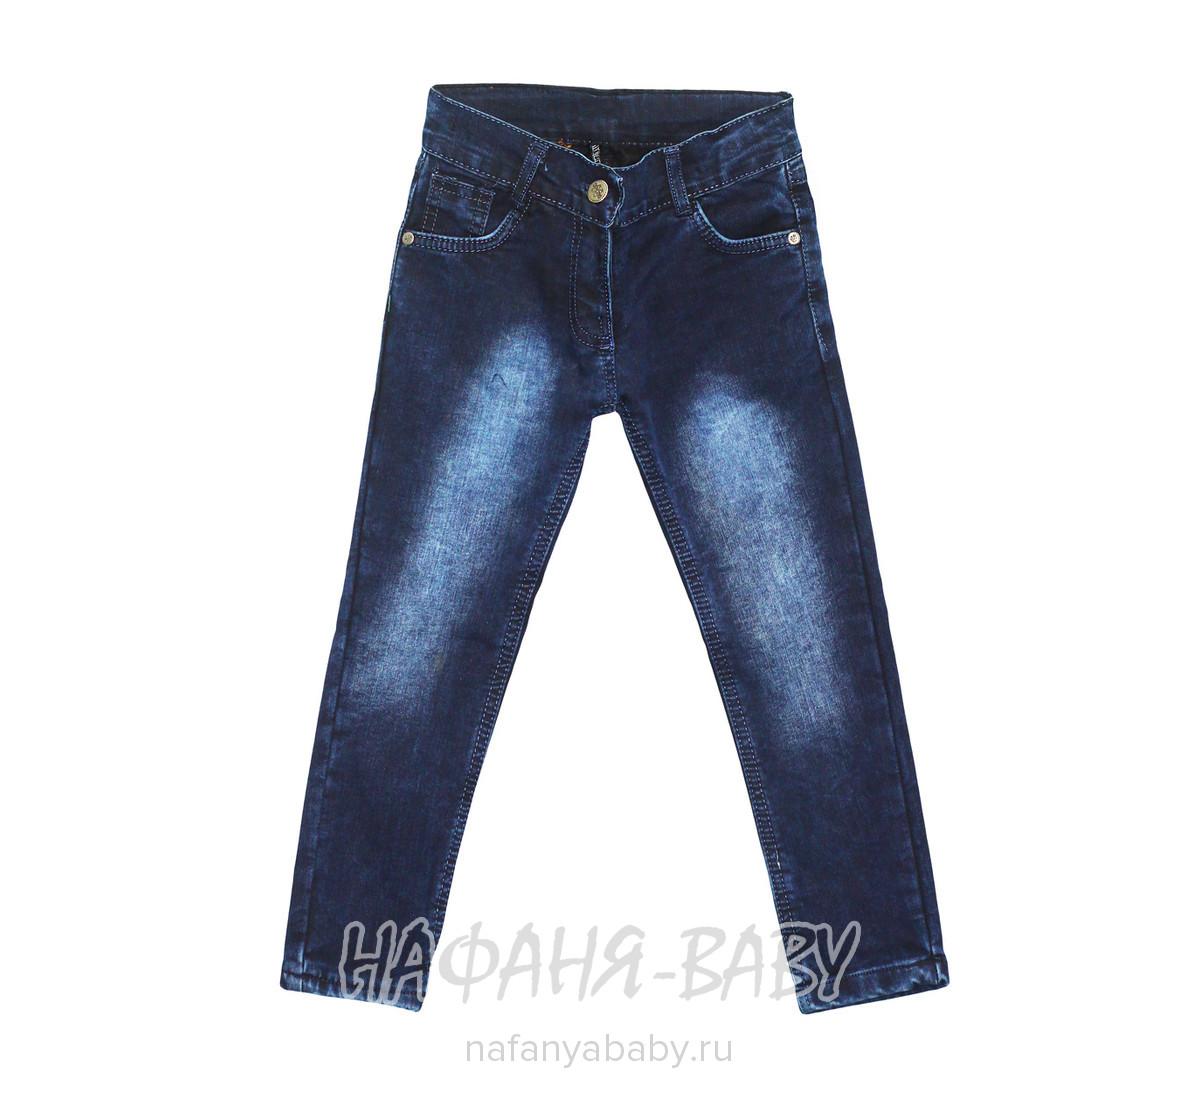 Детские джинсы SERCINO арт: 52033, 5-9 лет, 10-15 лет, цвет темно-синий, оптом Турция